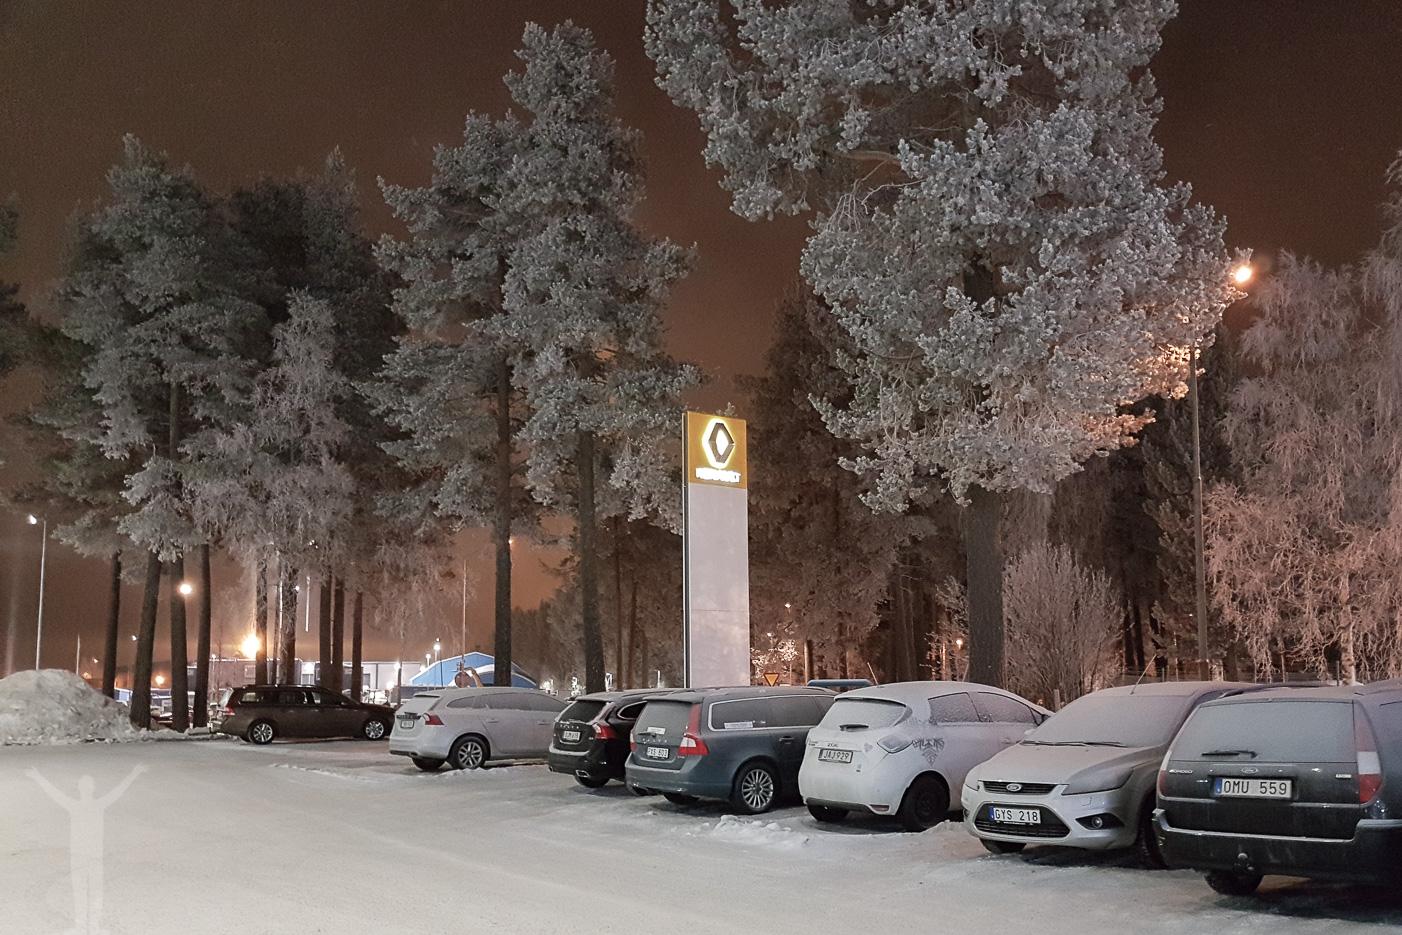 Bilbolaget i Östersund